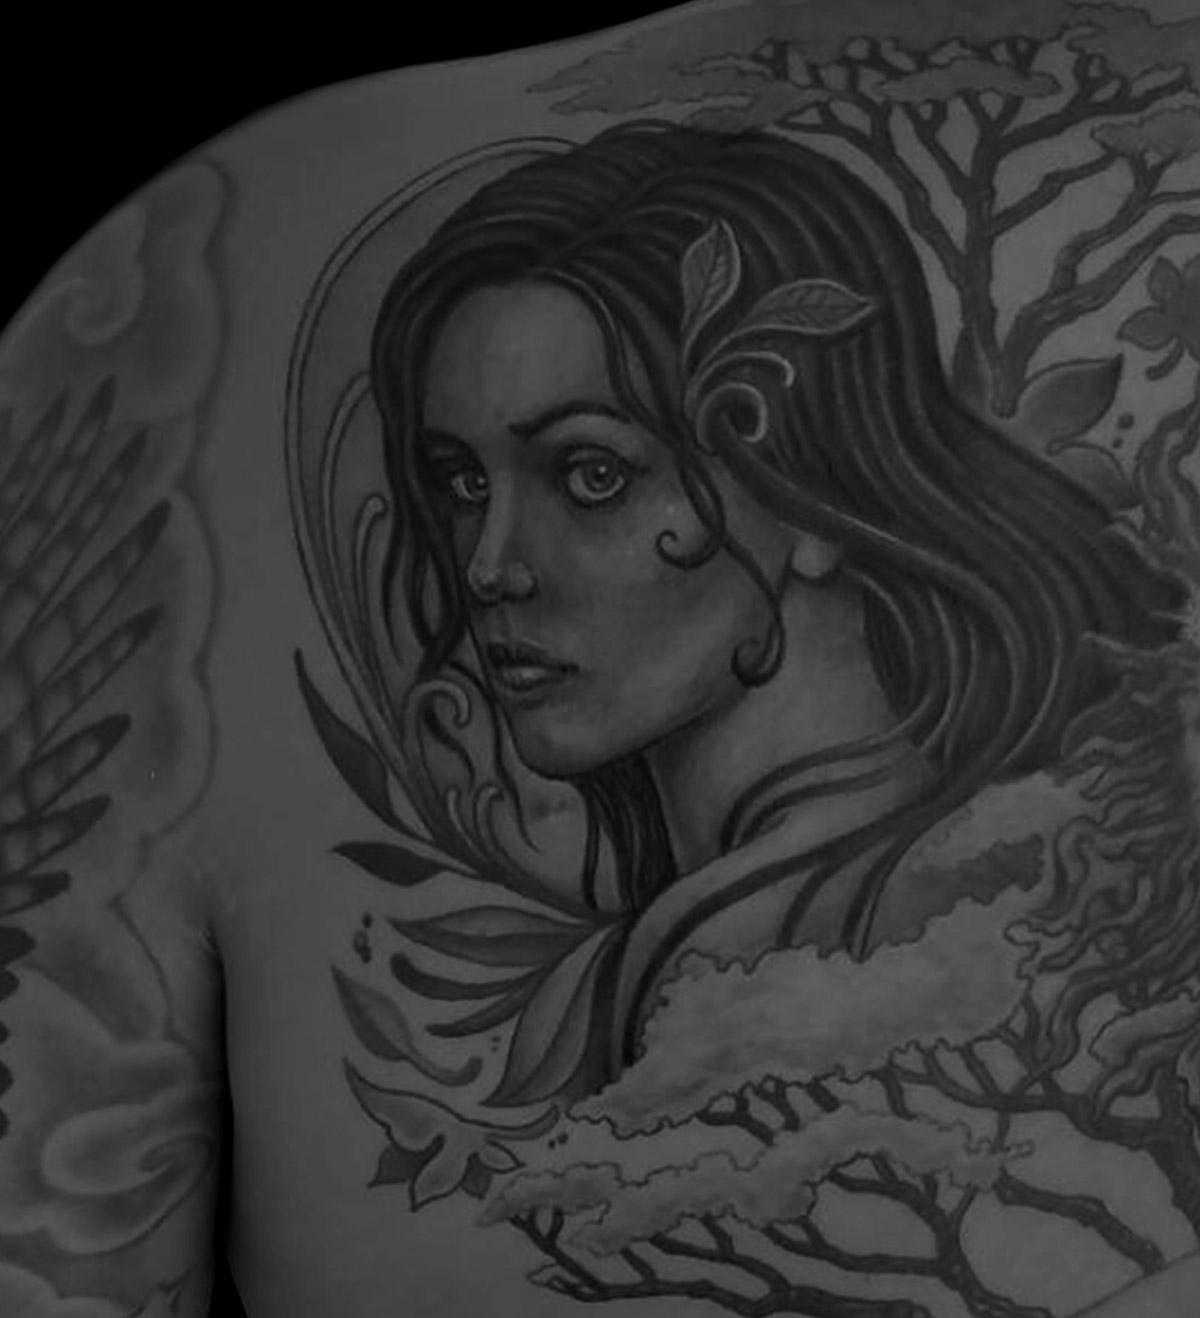 brett-herman-tattoo-007.jpg